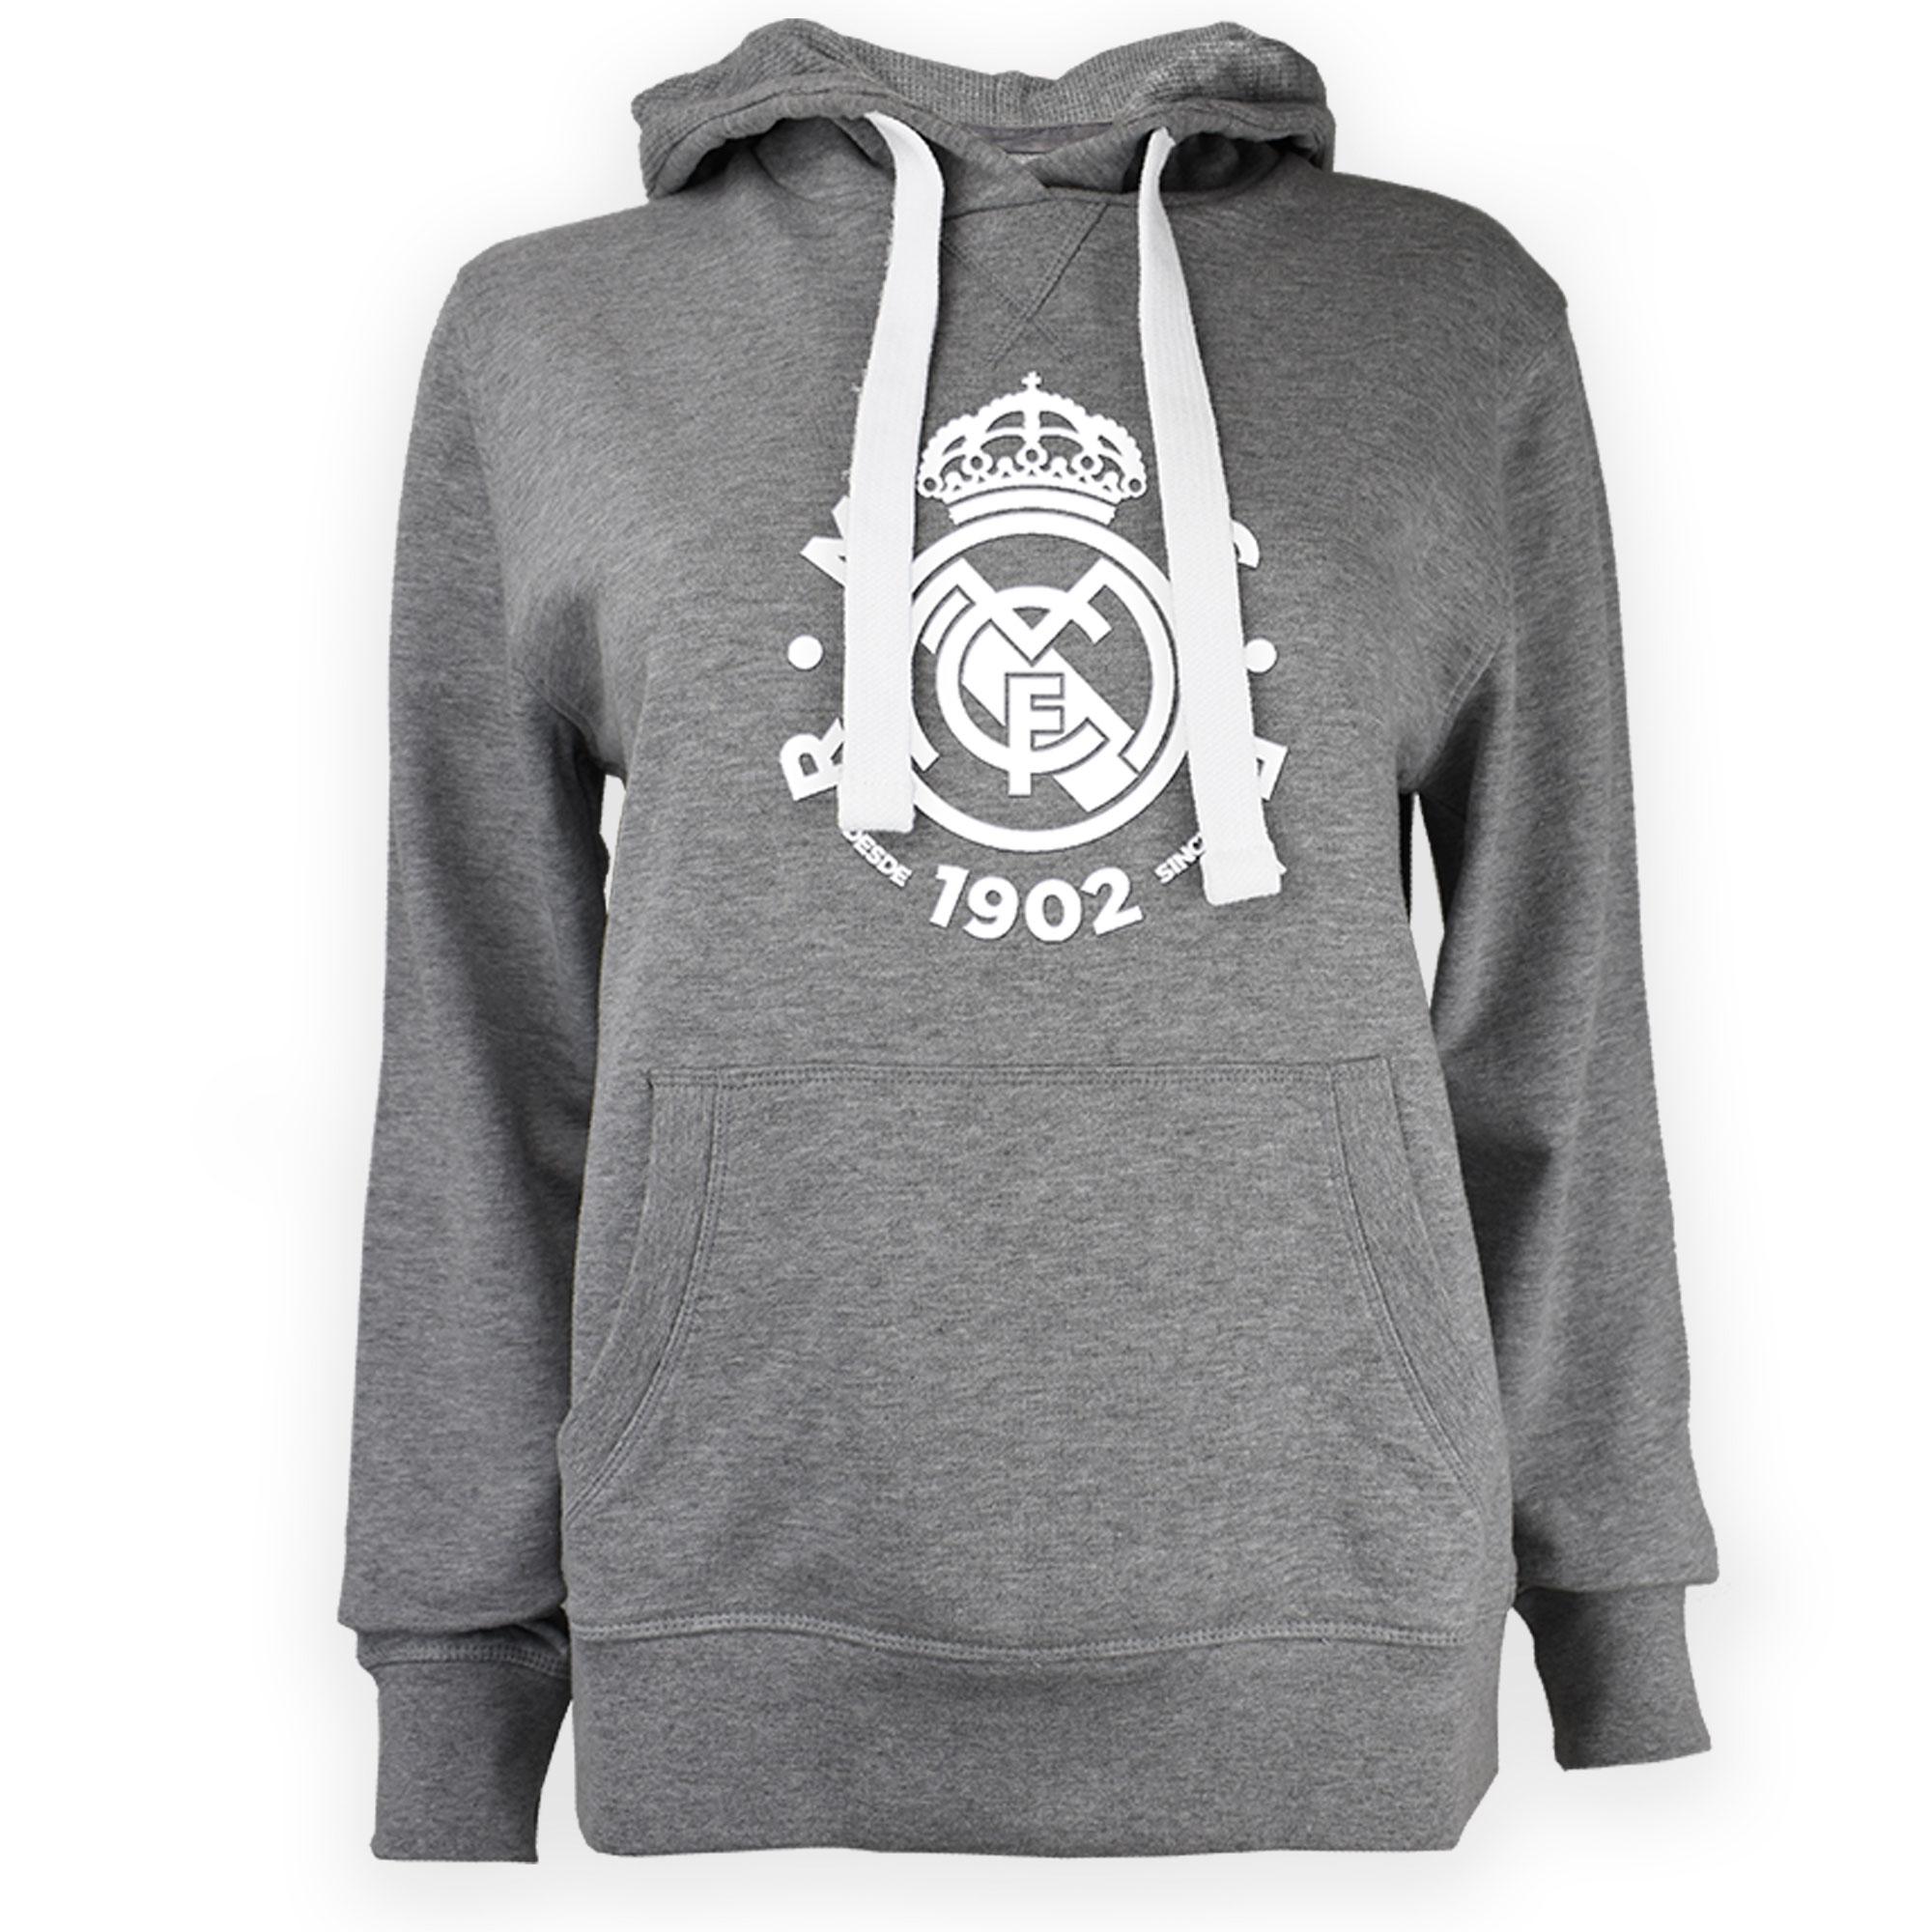 Prendas Deportivas Rogers SL / Sudadera del Real Madrid con capucha y escudo en gris para mujer